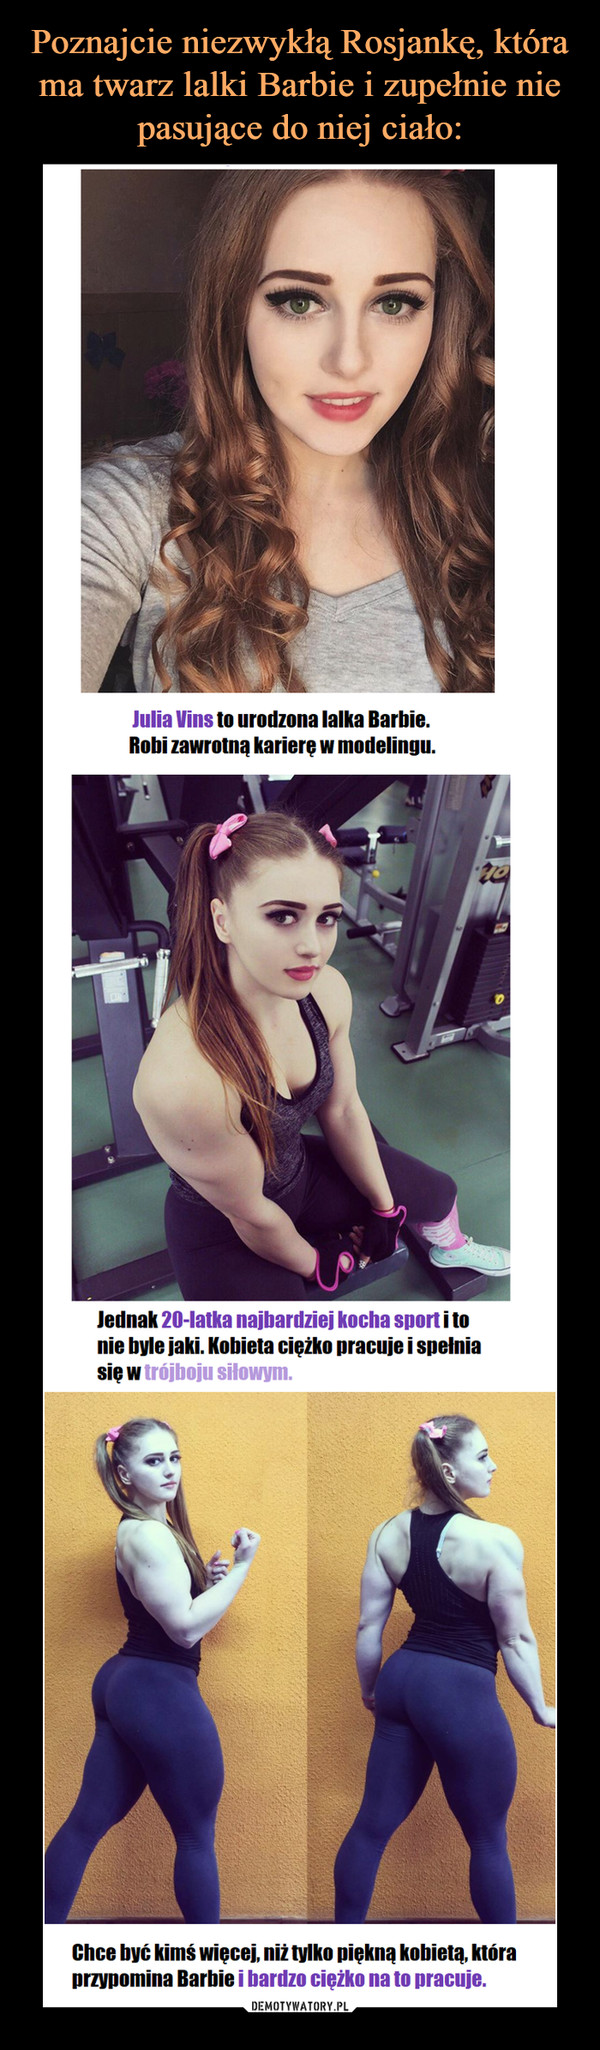 –  Julia Vins to urodzona lalka Barbie. Robi zawrotną karierę w modelingu. Jednak 20-latka najbardziej kocha sport i to nie byle jaki. Kobieta ciężko pracuje i spełnia się w modelinguChce być kimś więcej, niż tylko piękną kobietą, która przypomina Barbie i bardzo ciężko na to pracuje.